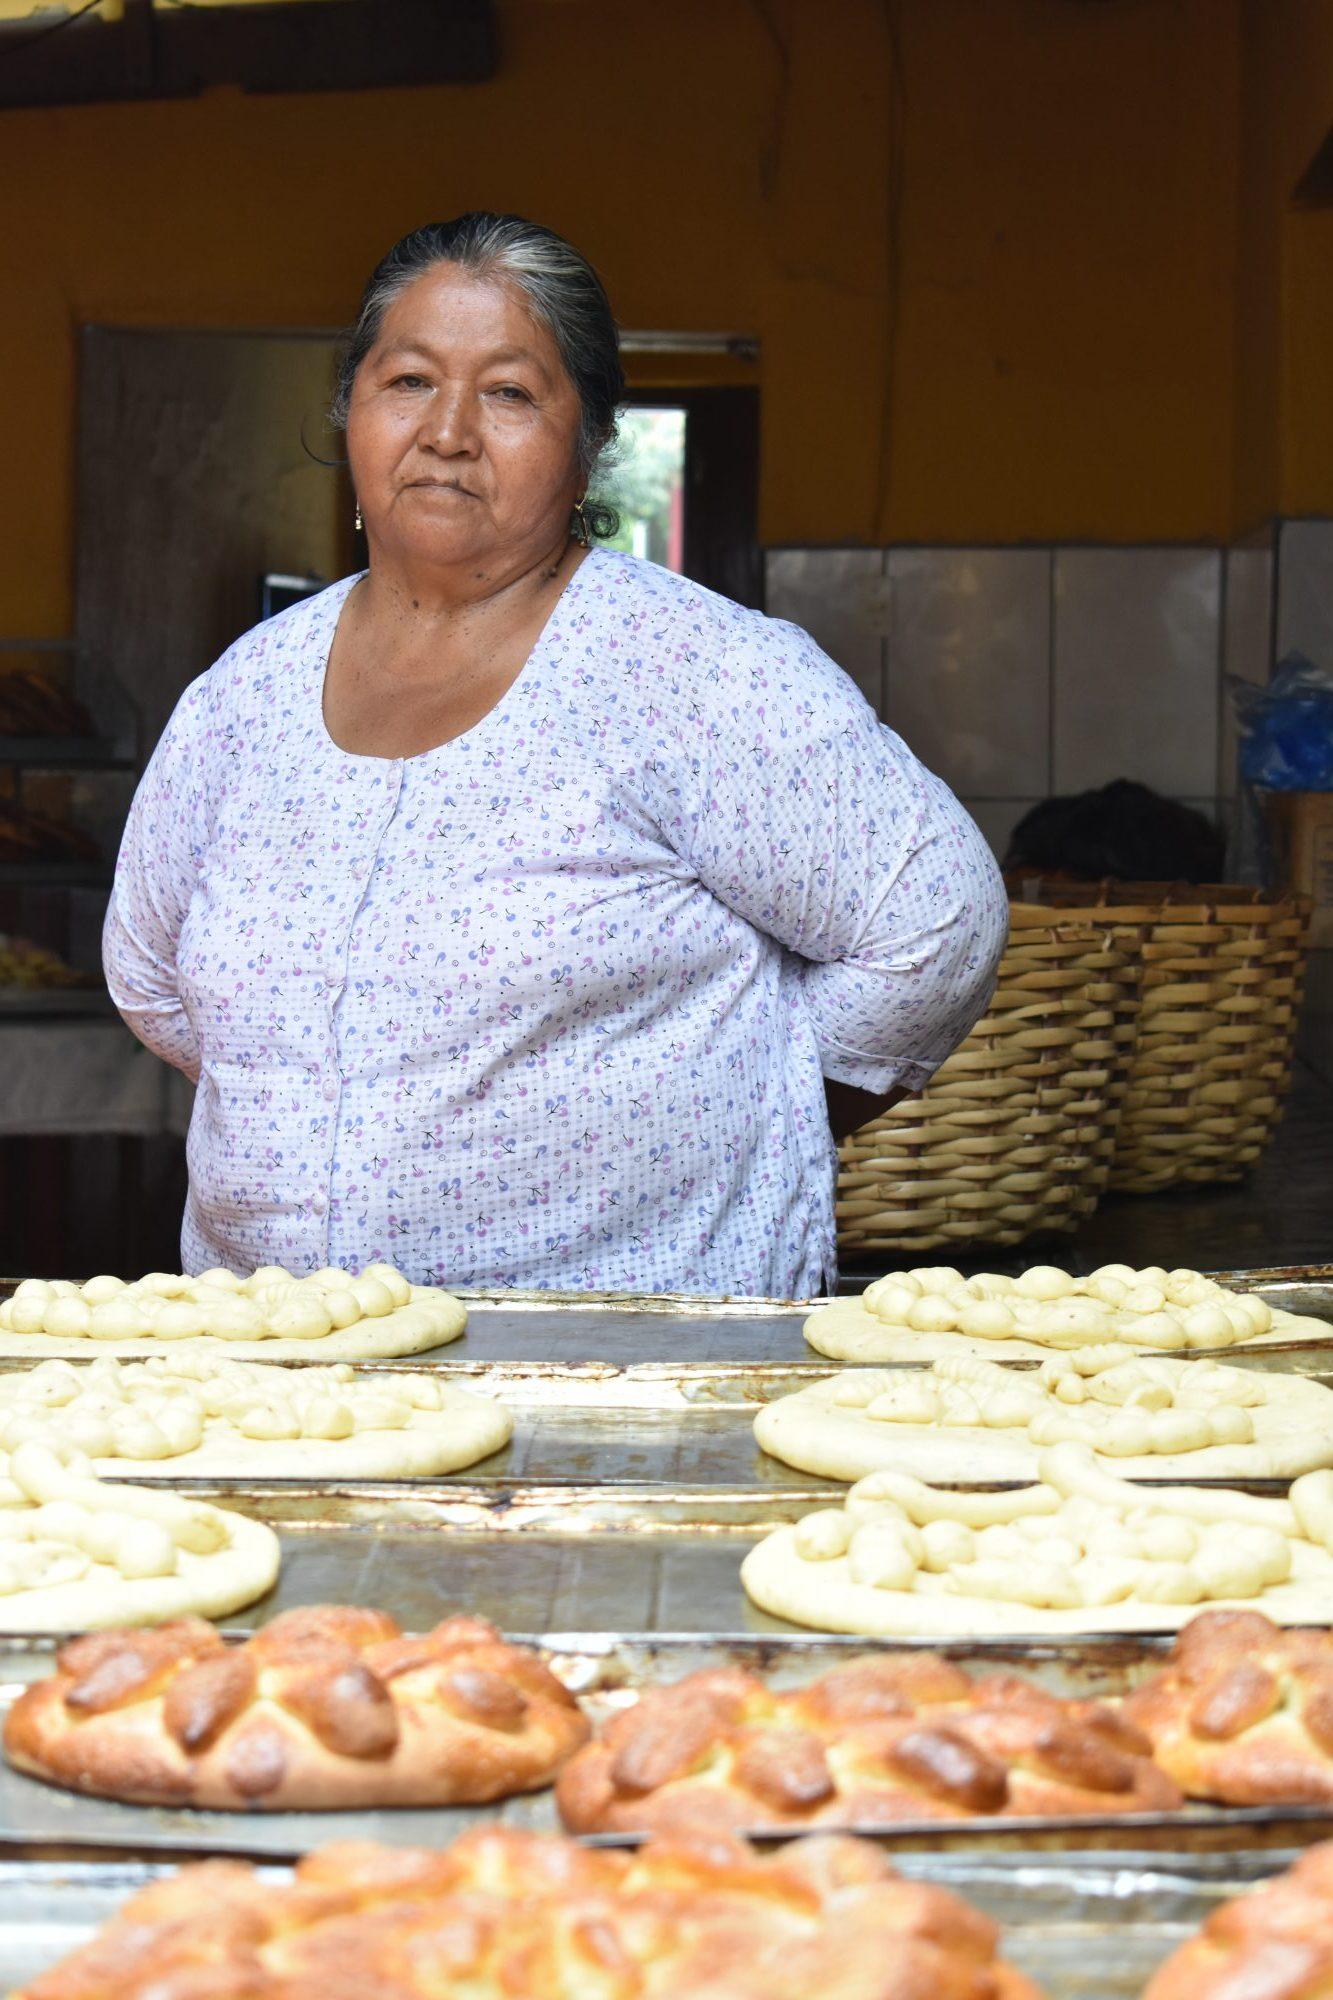 Celia junto a los productos que elabora con su receta casera (Fotografía: Verdad con Tinta)